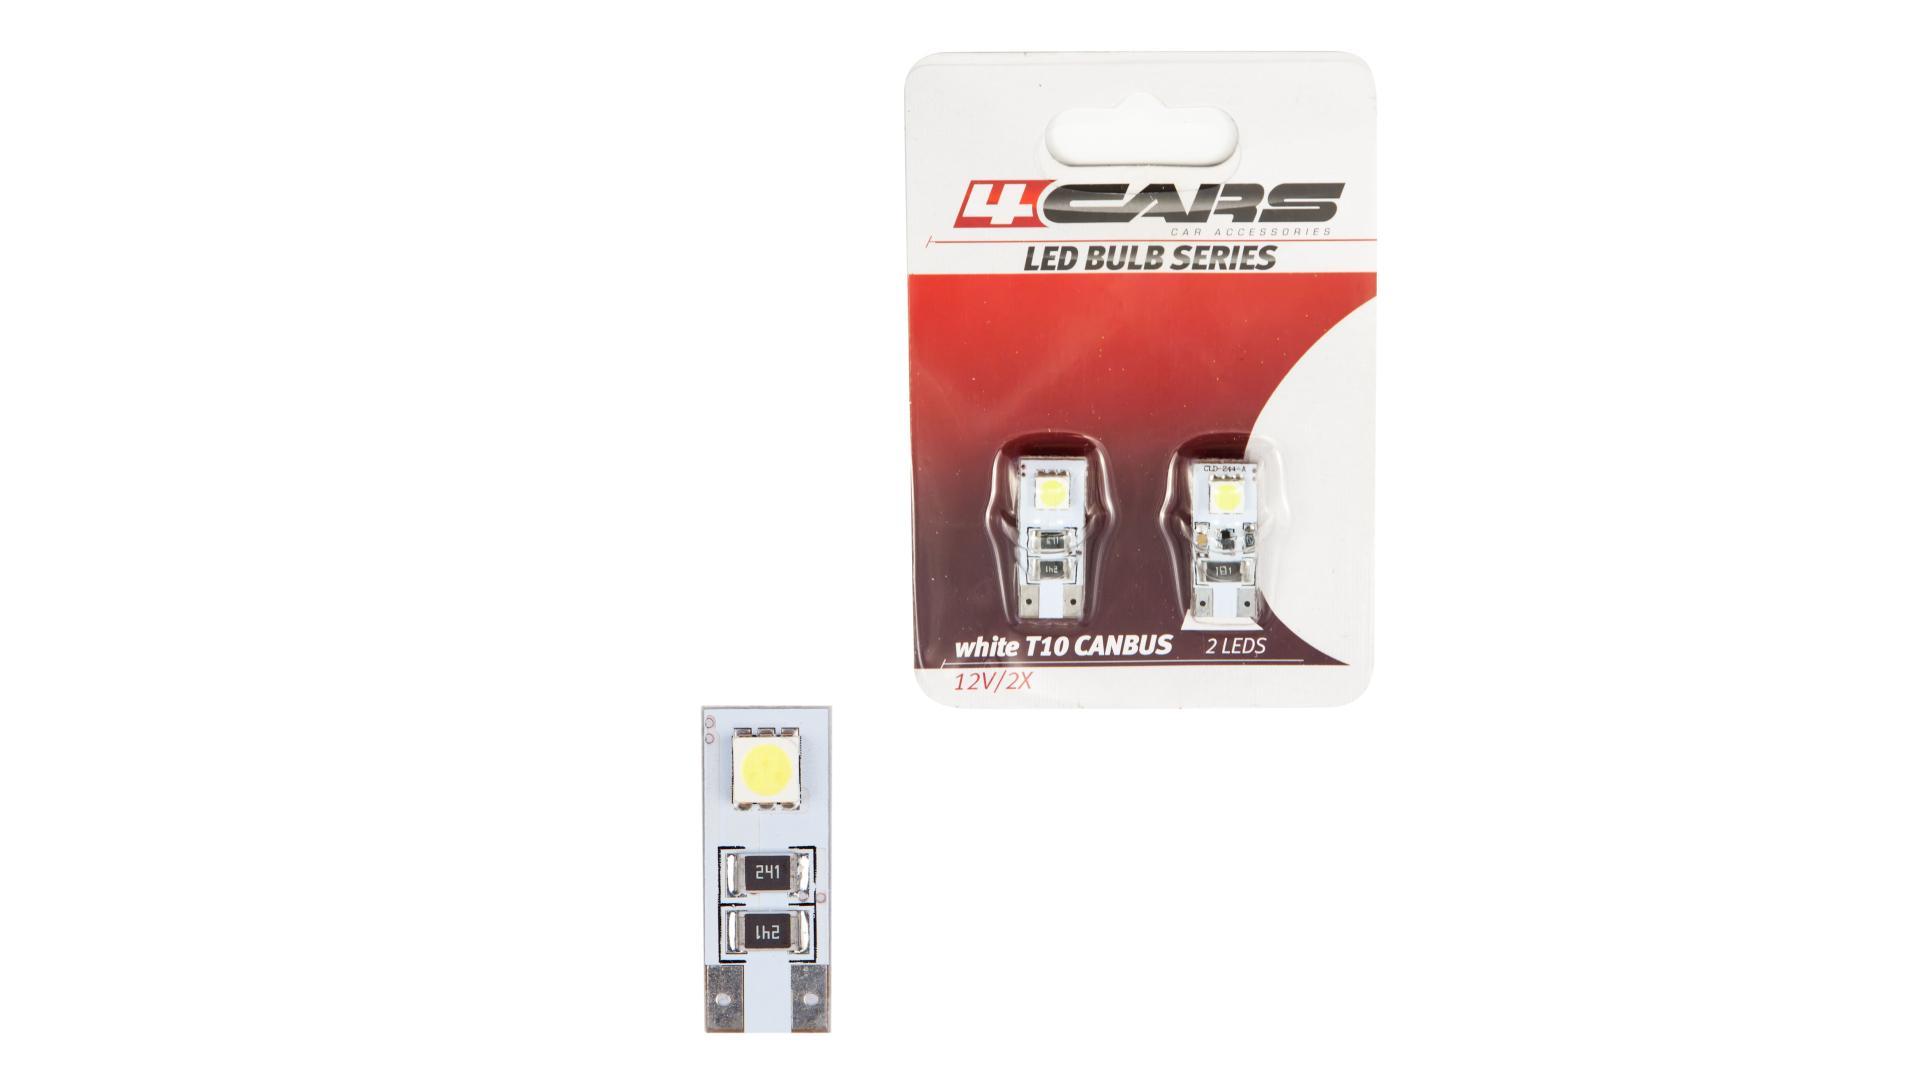 4CARS LED ŽIAROVKA 2LED 12V CANBUS 5050SMD T10